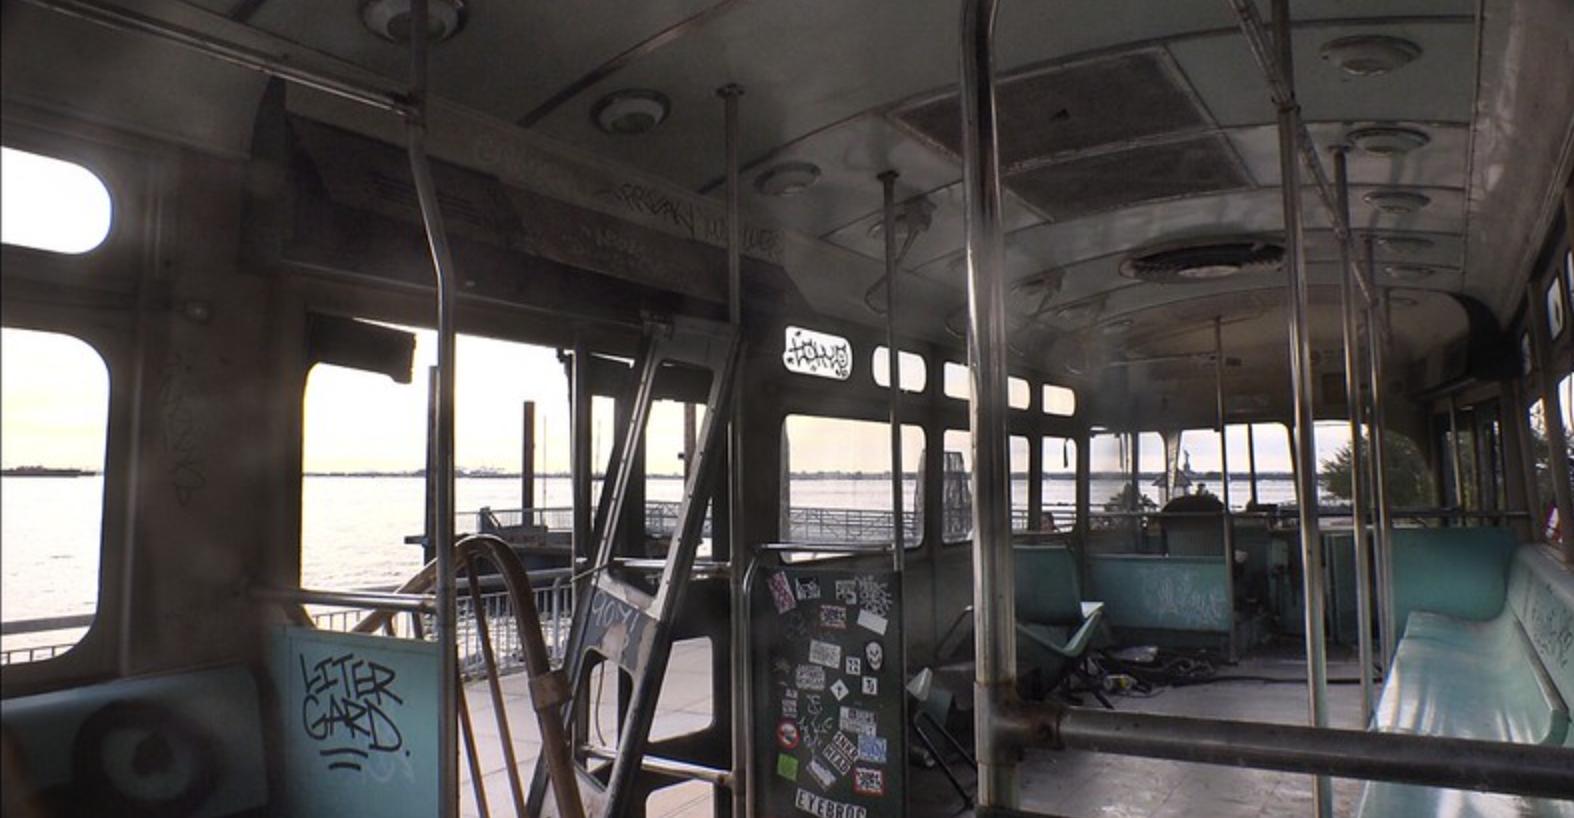 فضای داخلی یک ماشین واگن برقی در رد هوک ، بروکلین